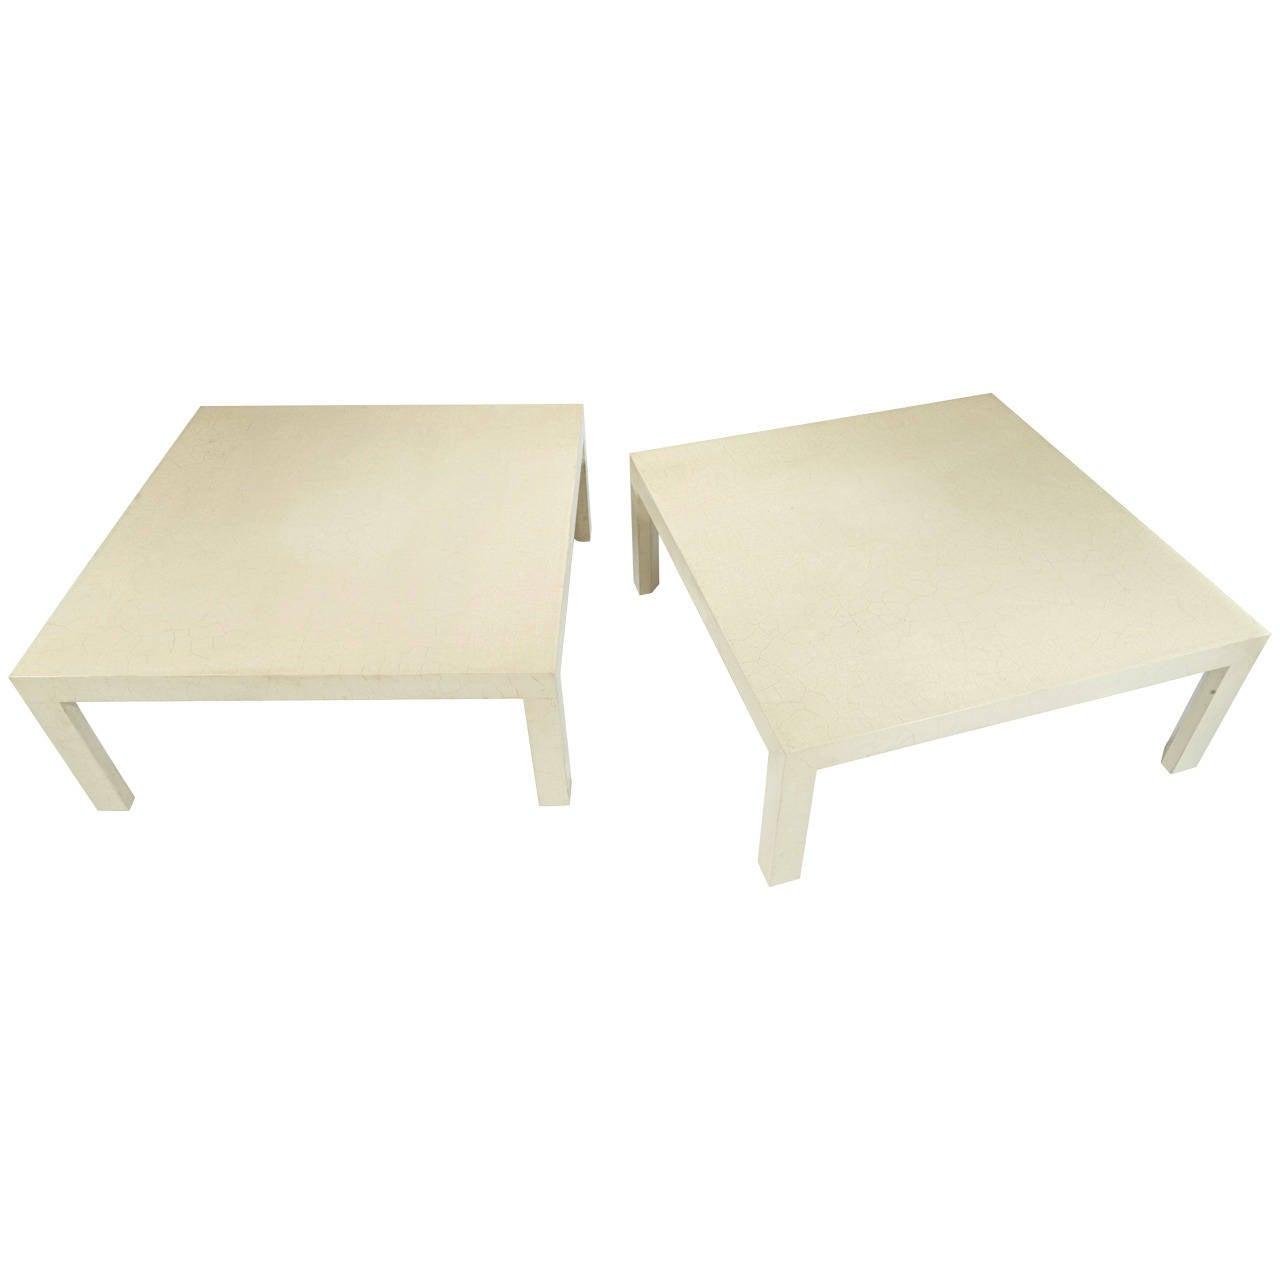 Samuel Marx Pair of Craqueleur Low Tables